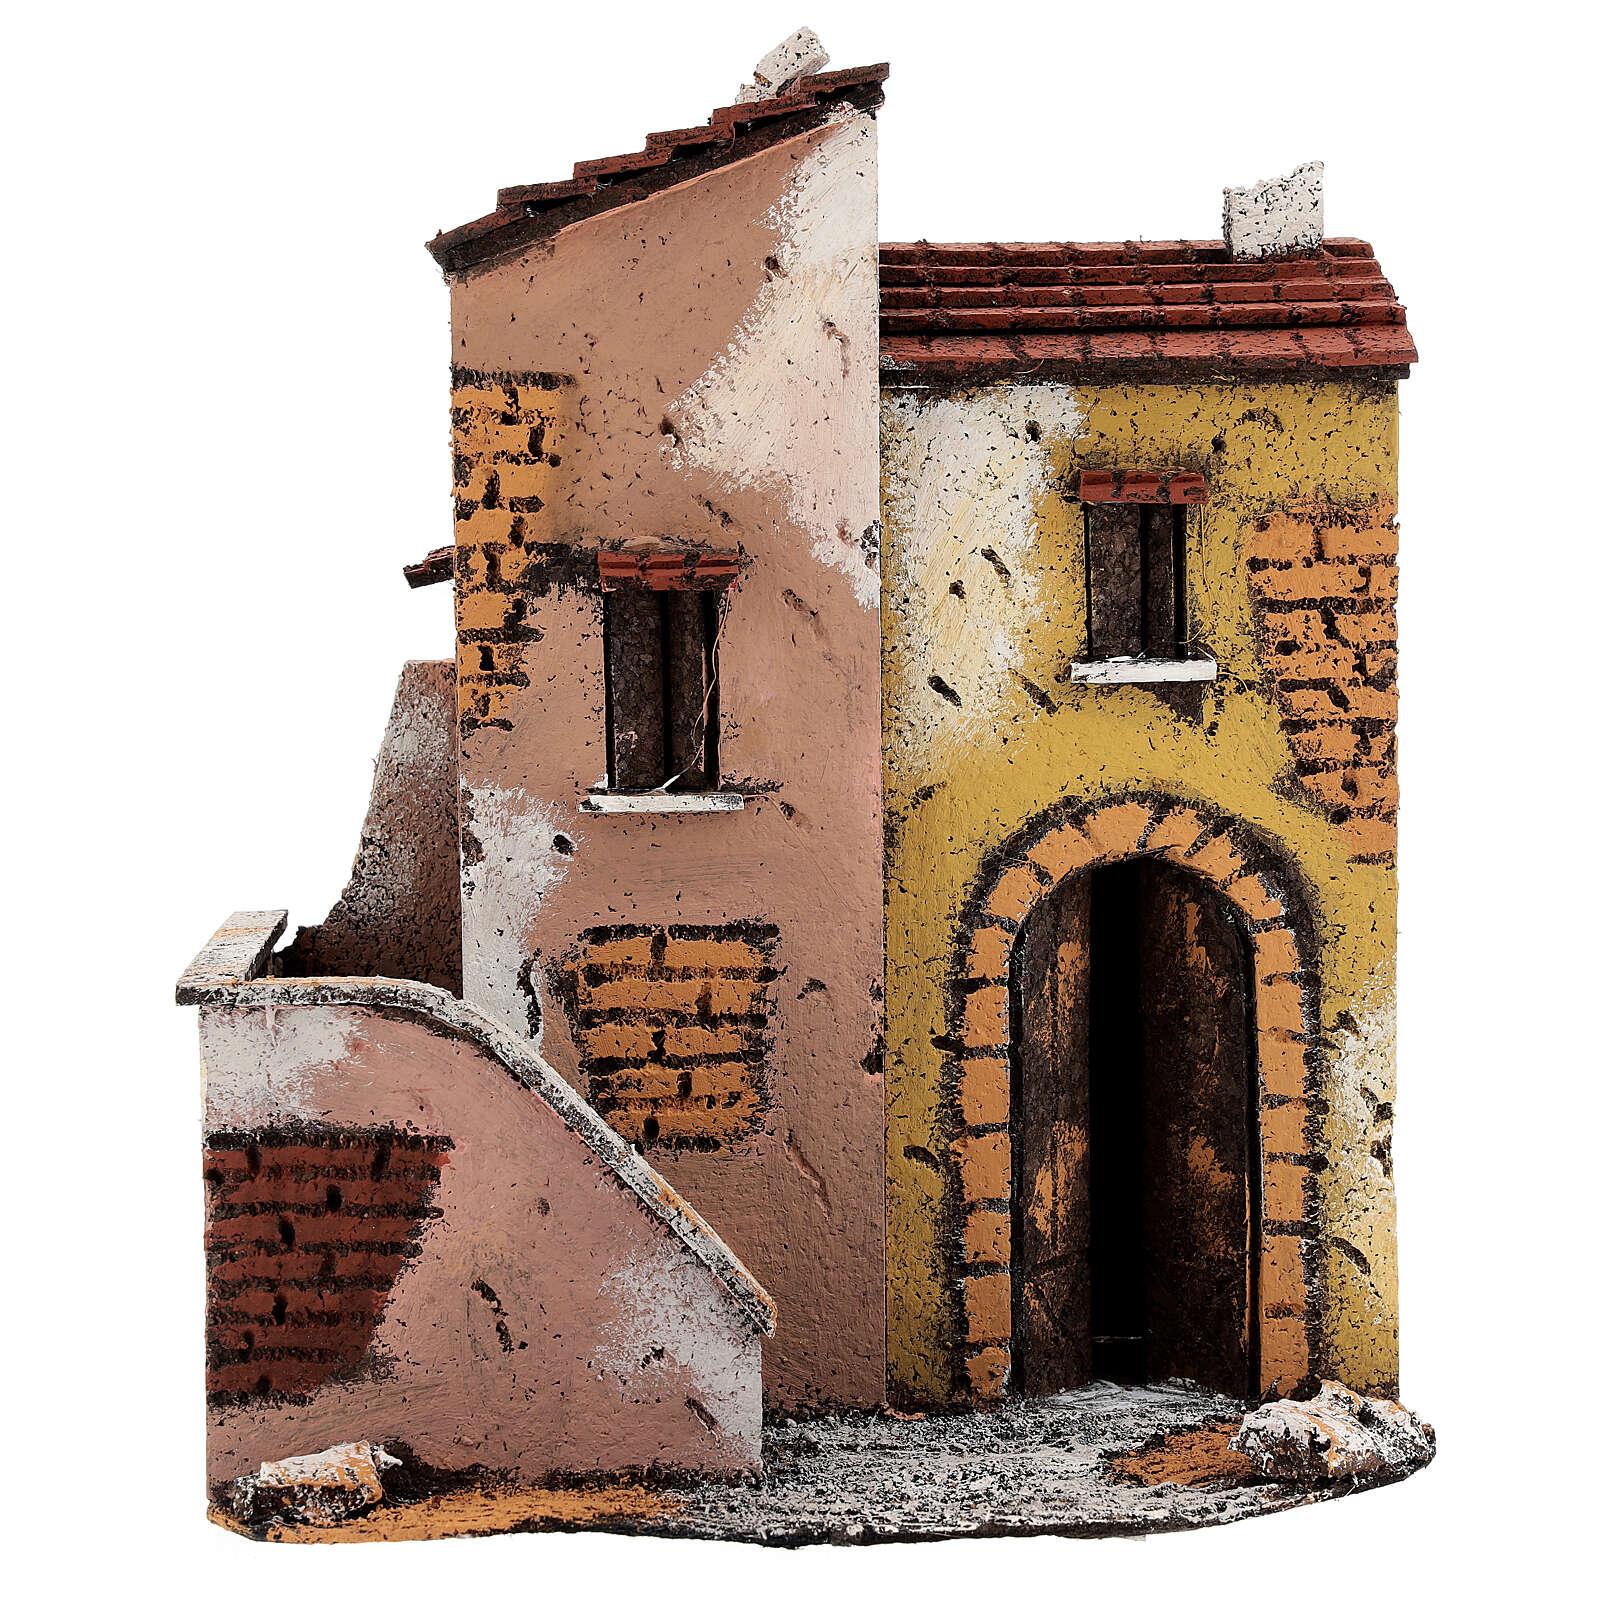 Maisons adjacentes crèche napolitaine 25x25x15 cm pour santons 8-10 cm 4